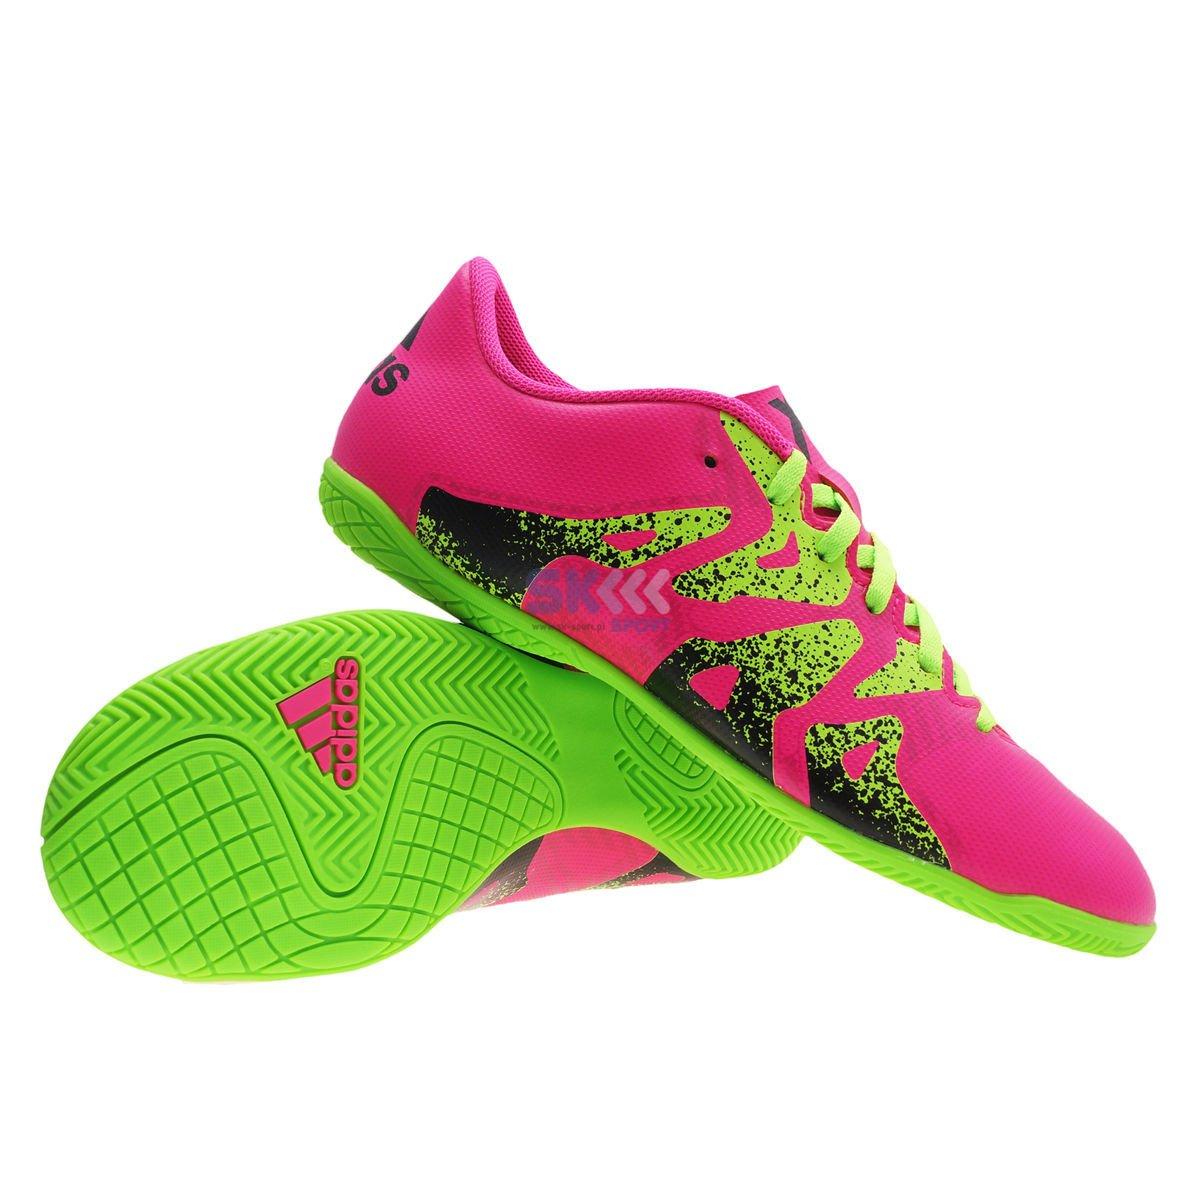 najlepiej kochany Nowe zdjęcia autentyczna jakość Buty halowe Adidas X 15.4 IN S74603 || www.sk-sport.pl